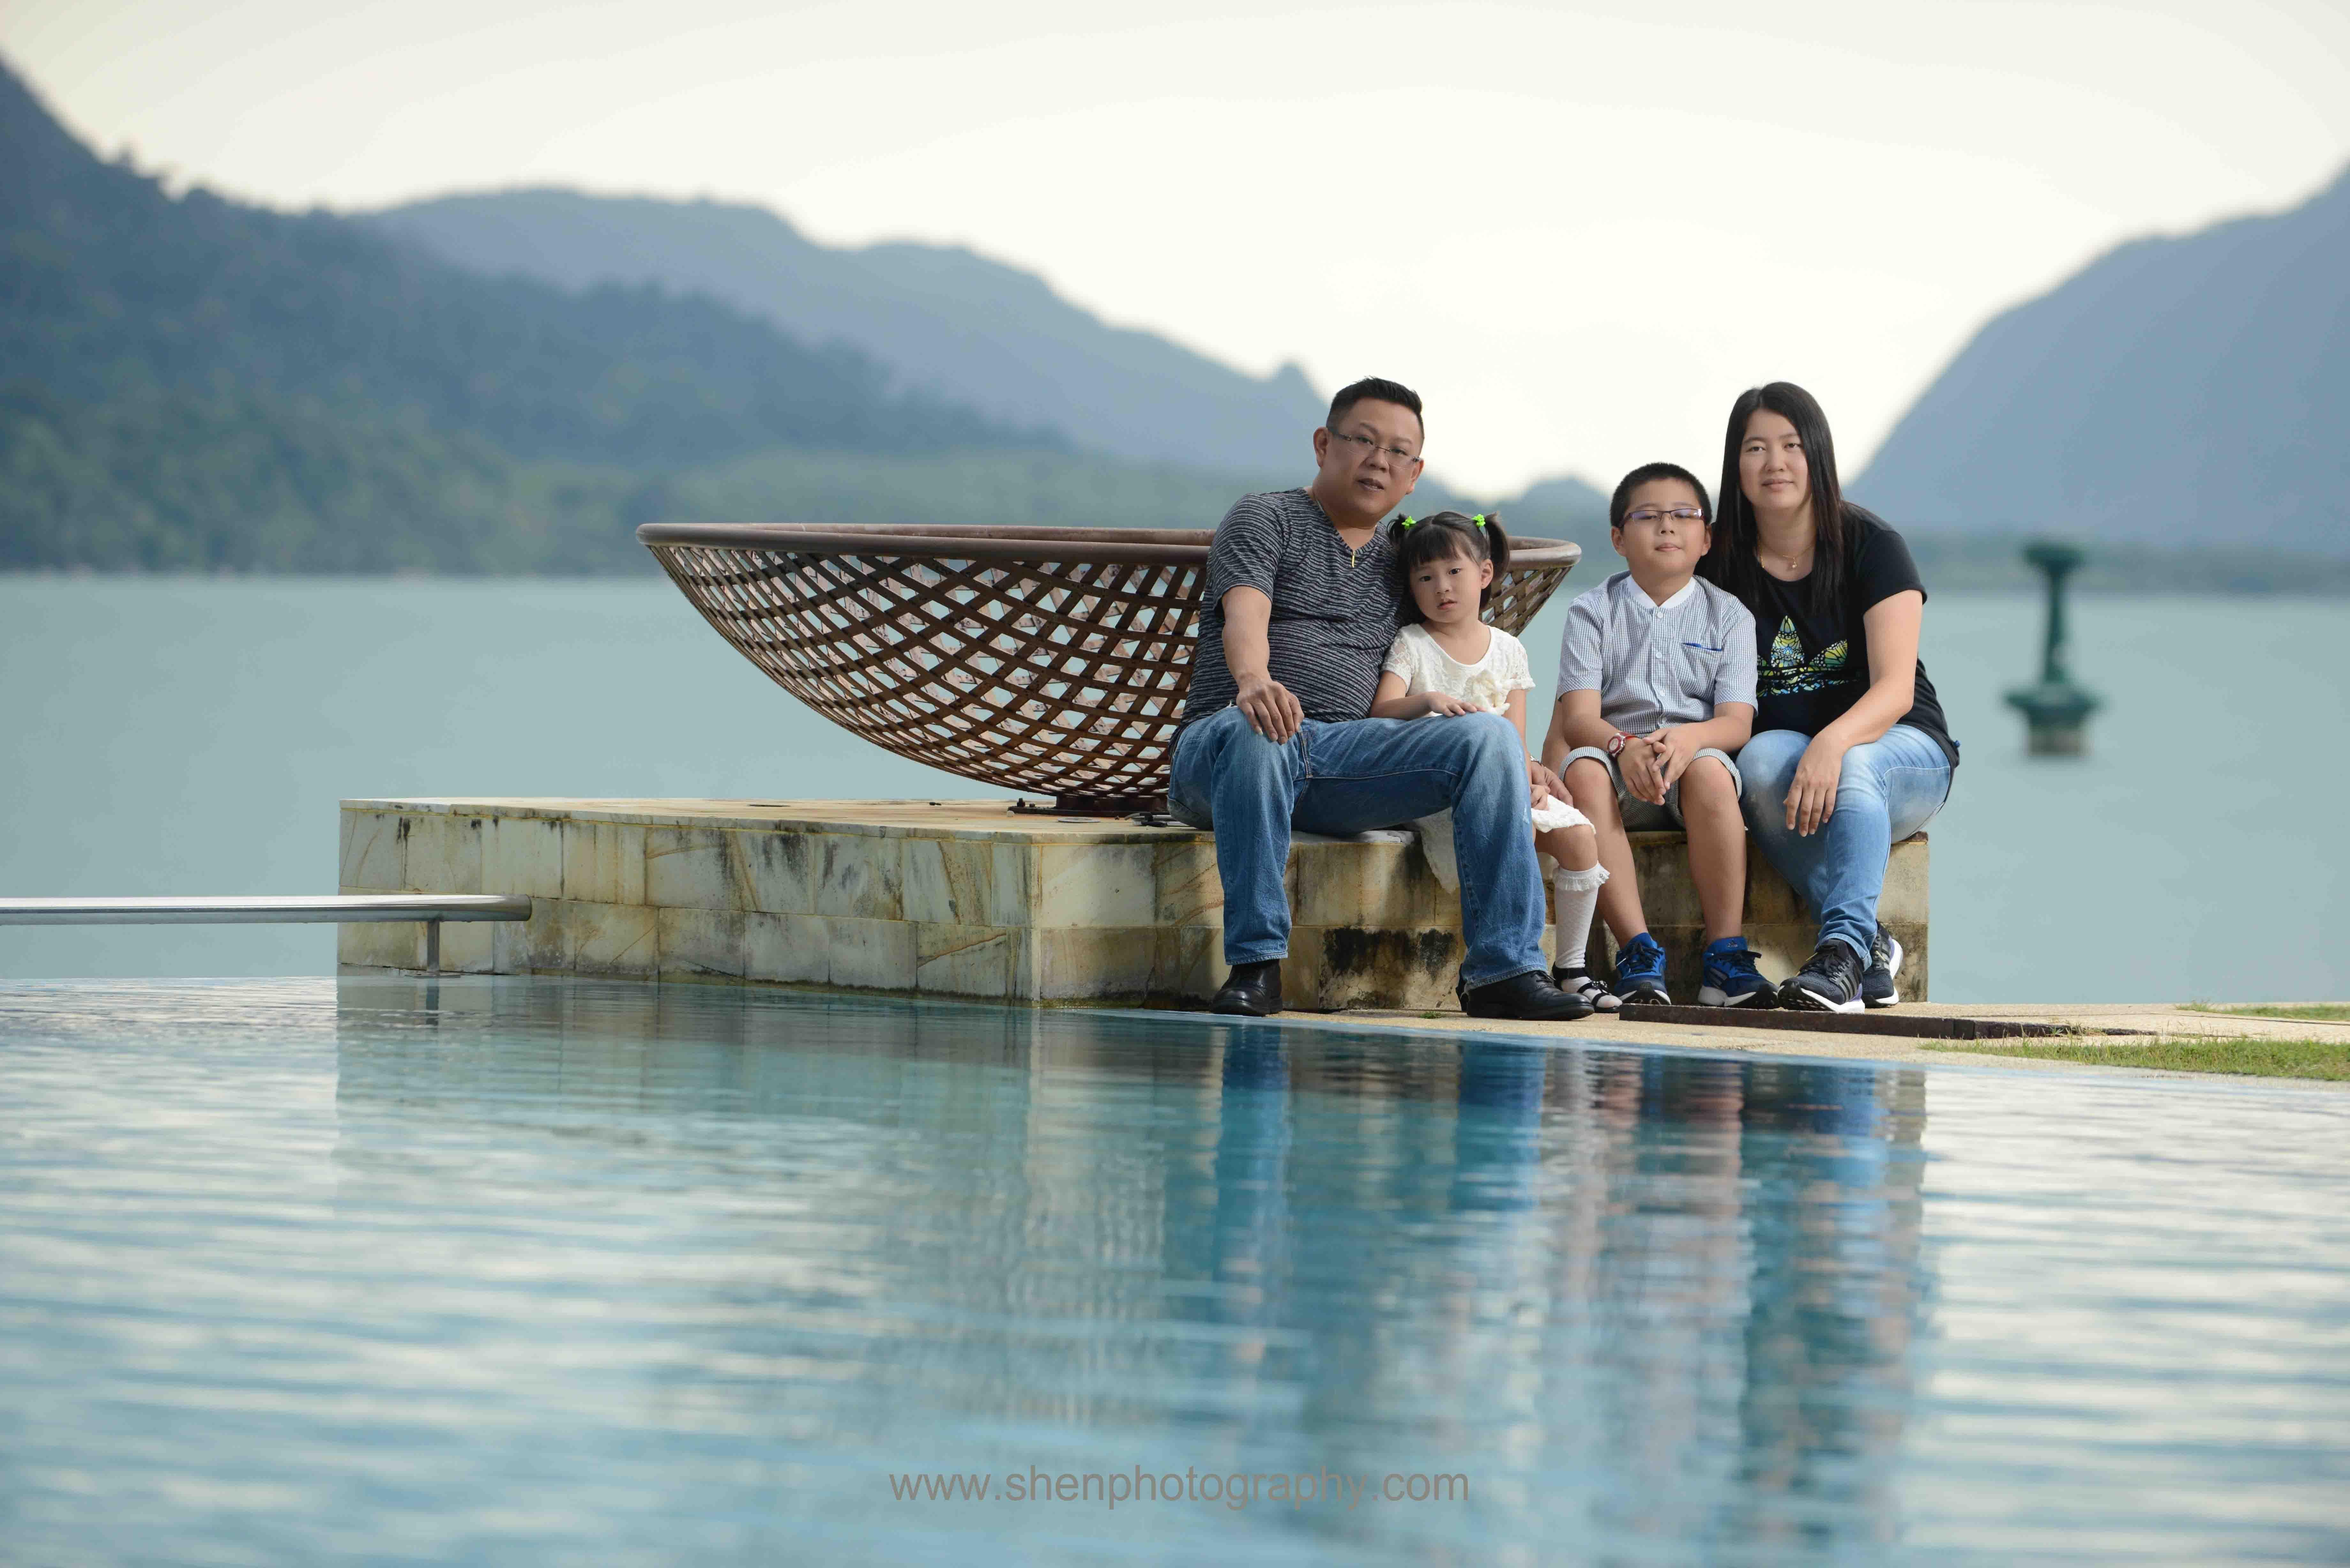 Ch'ng's family